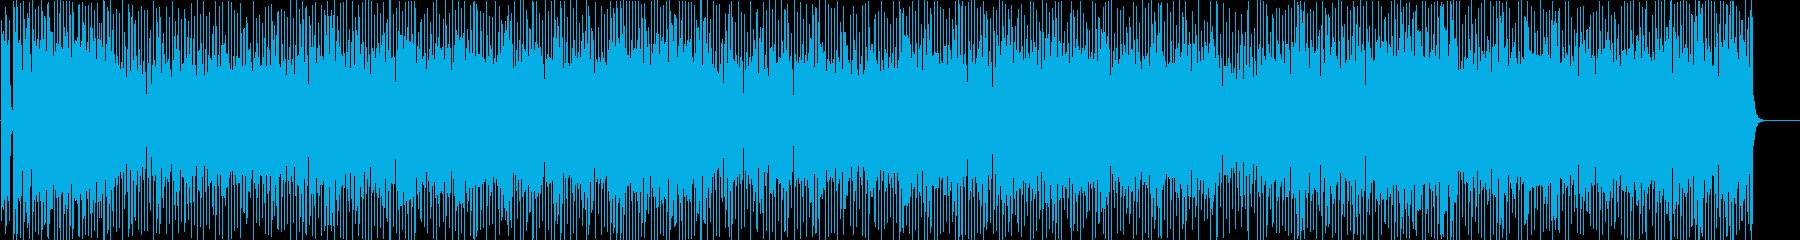 オープニング 前進 はつらつの再生済みの波形